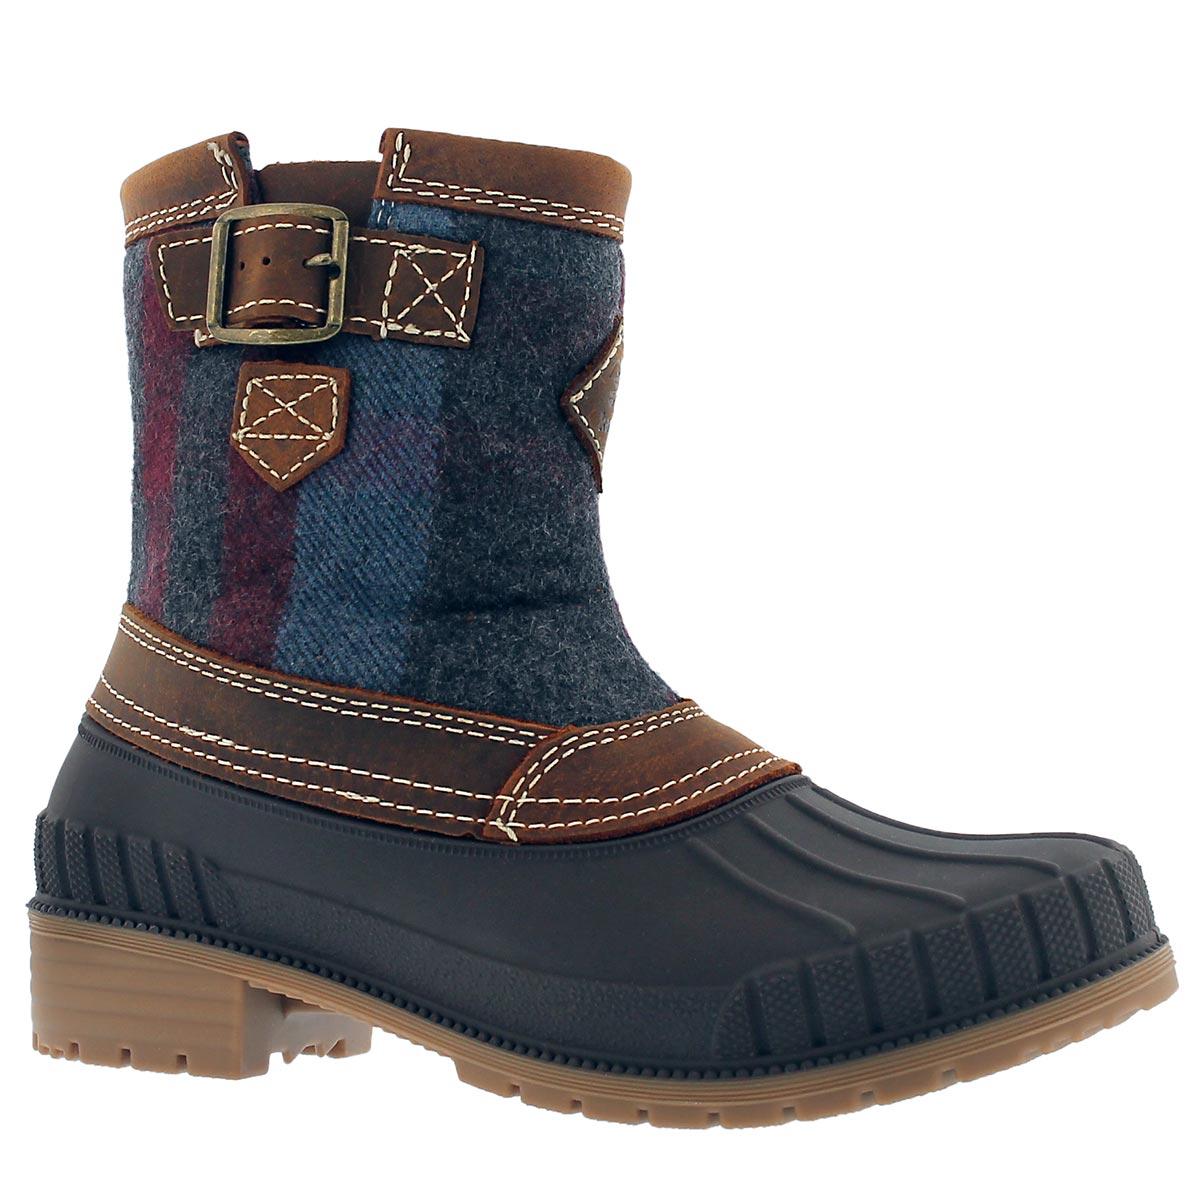 Lds Avelle dk brn waterproof winter boot